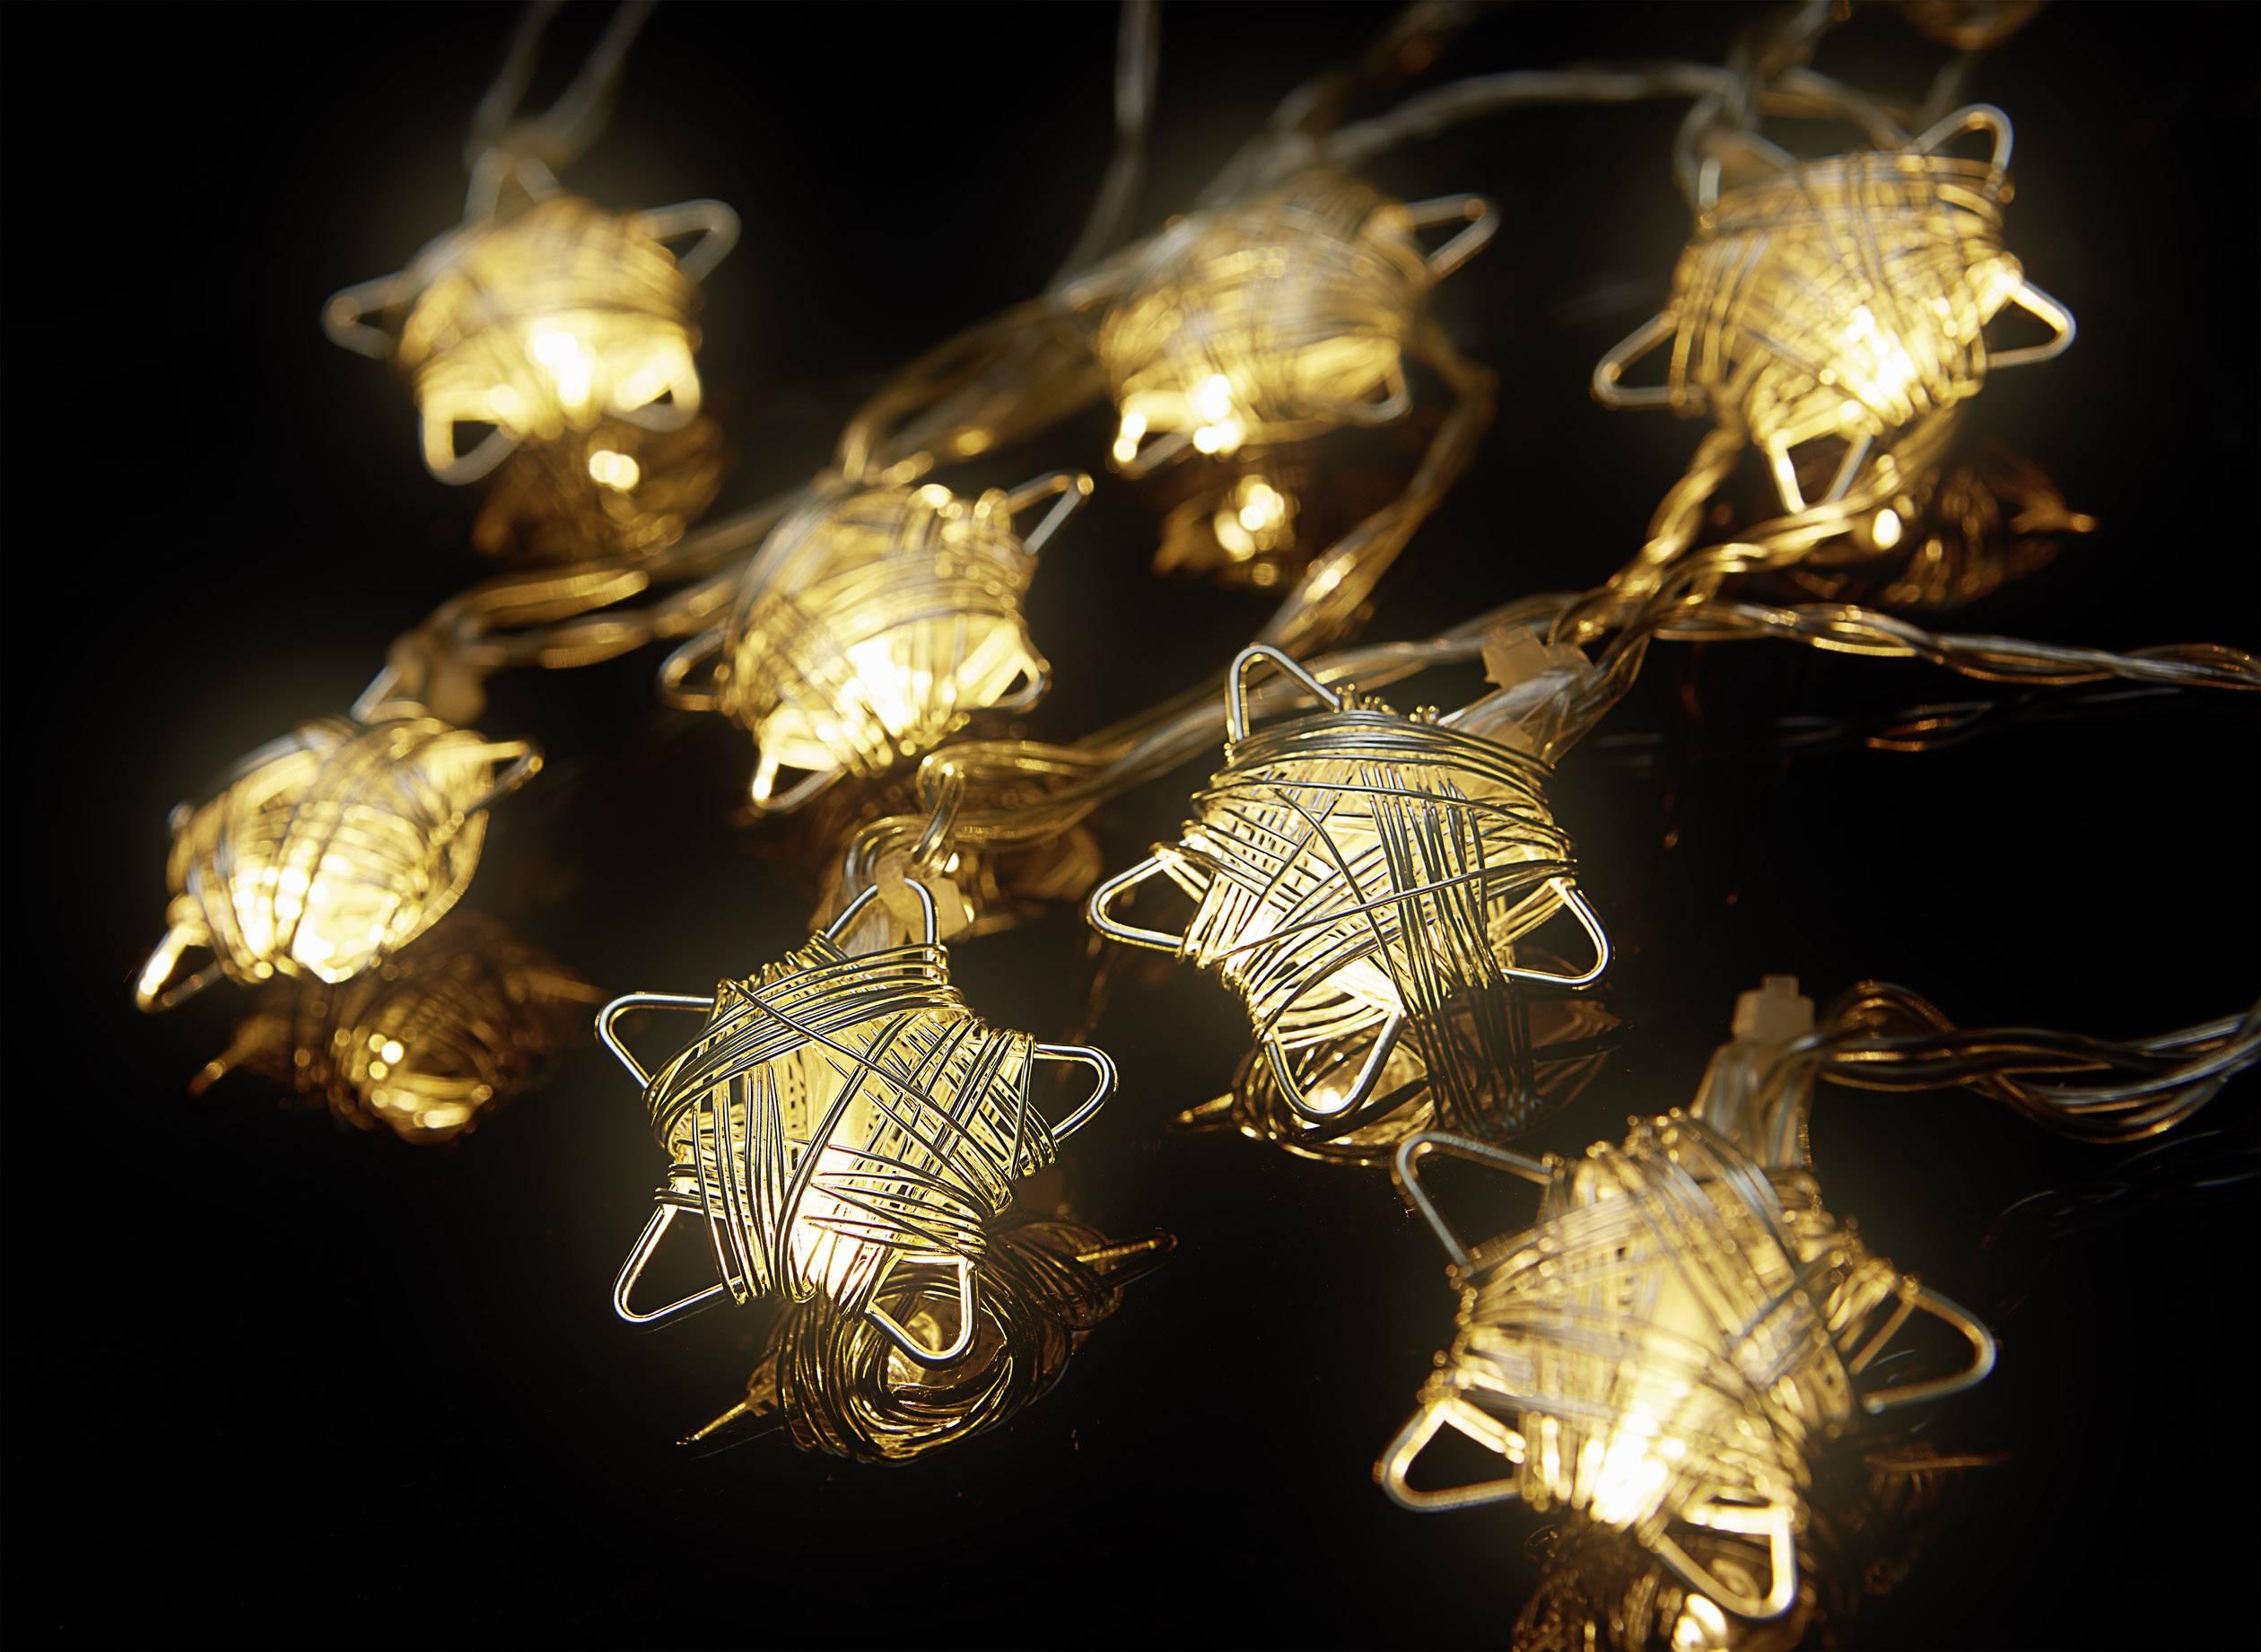 Vnitřní LED světelný řetěz s motivem Polarlite , 16 LED, teplá bílá, na baterii, 3,3 m